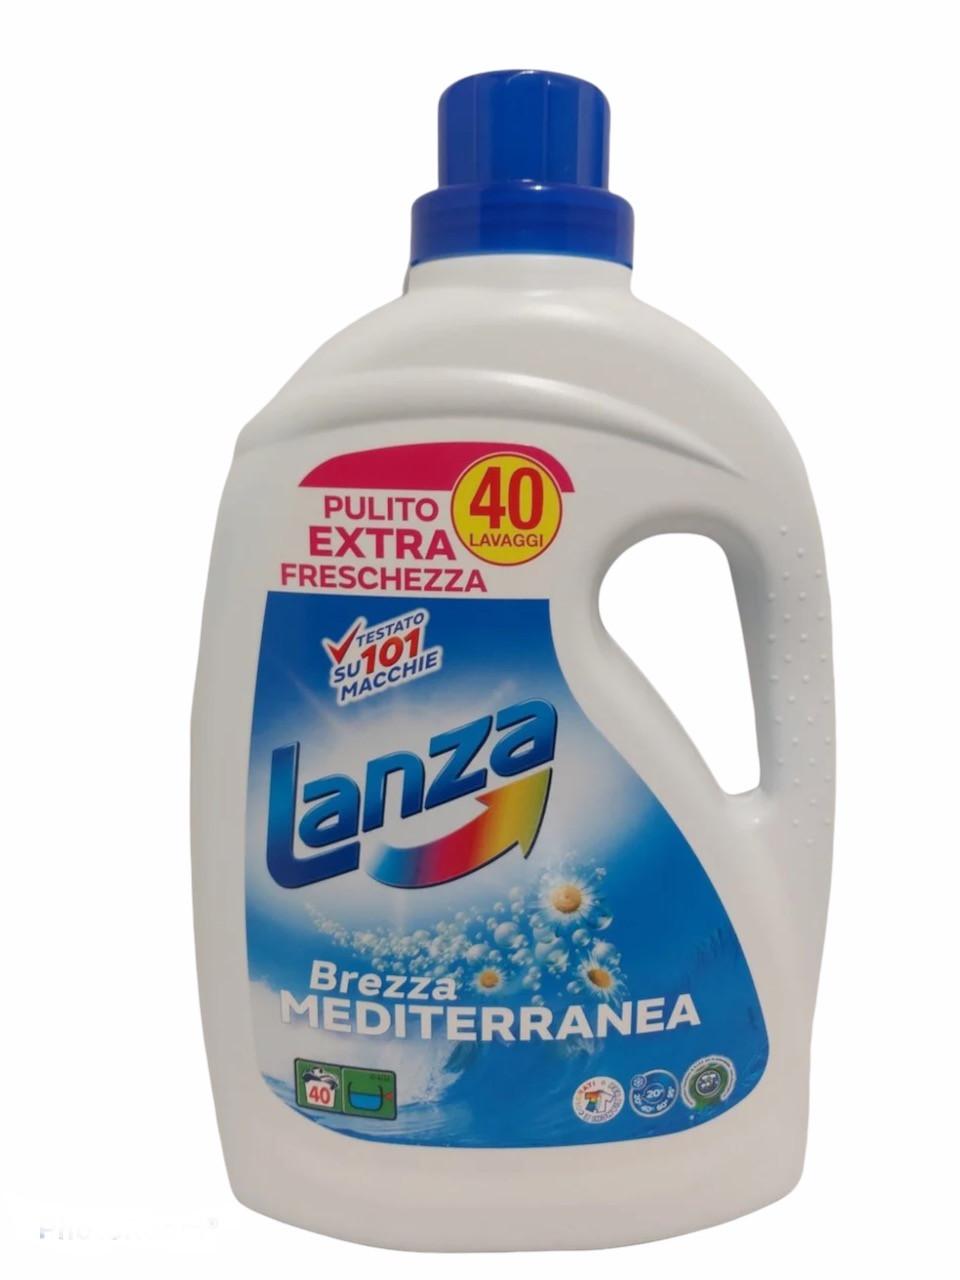 Гель для прання универсальный1 Lanza Морський бриз, 2л Італія